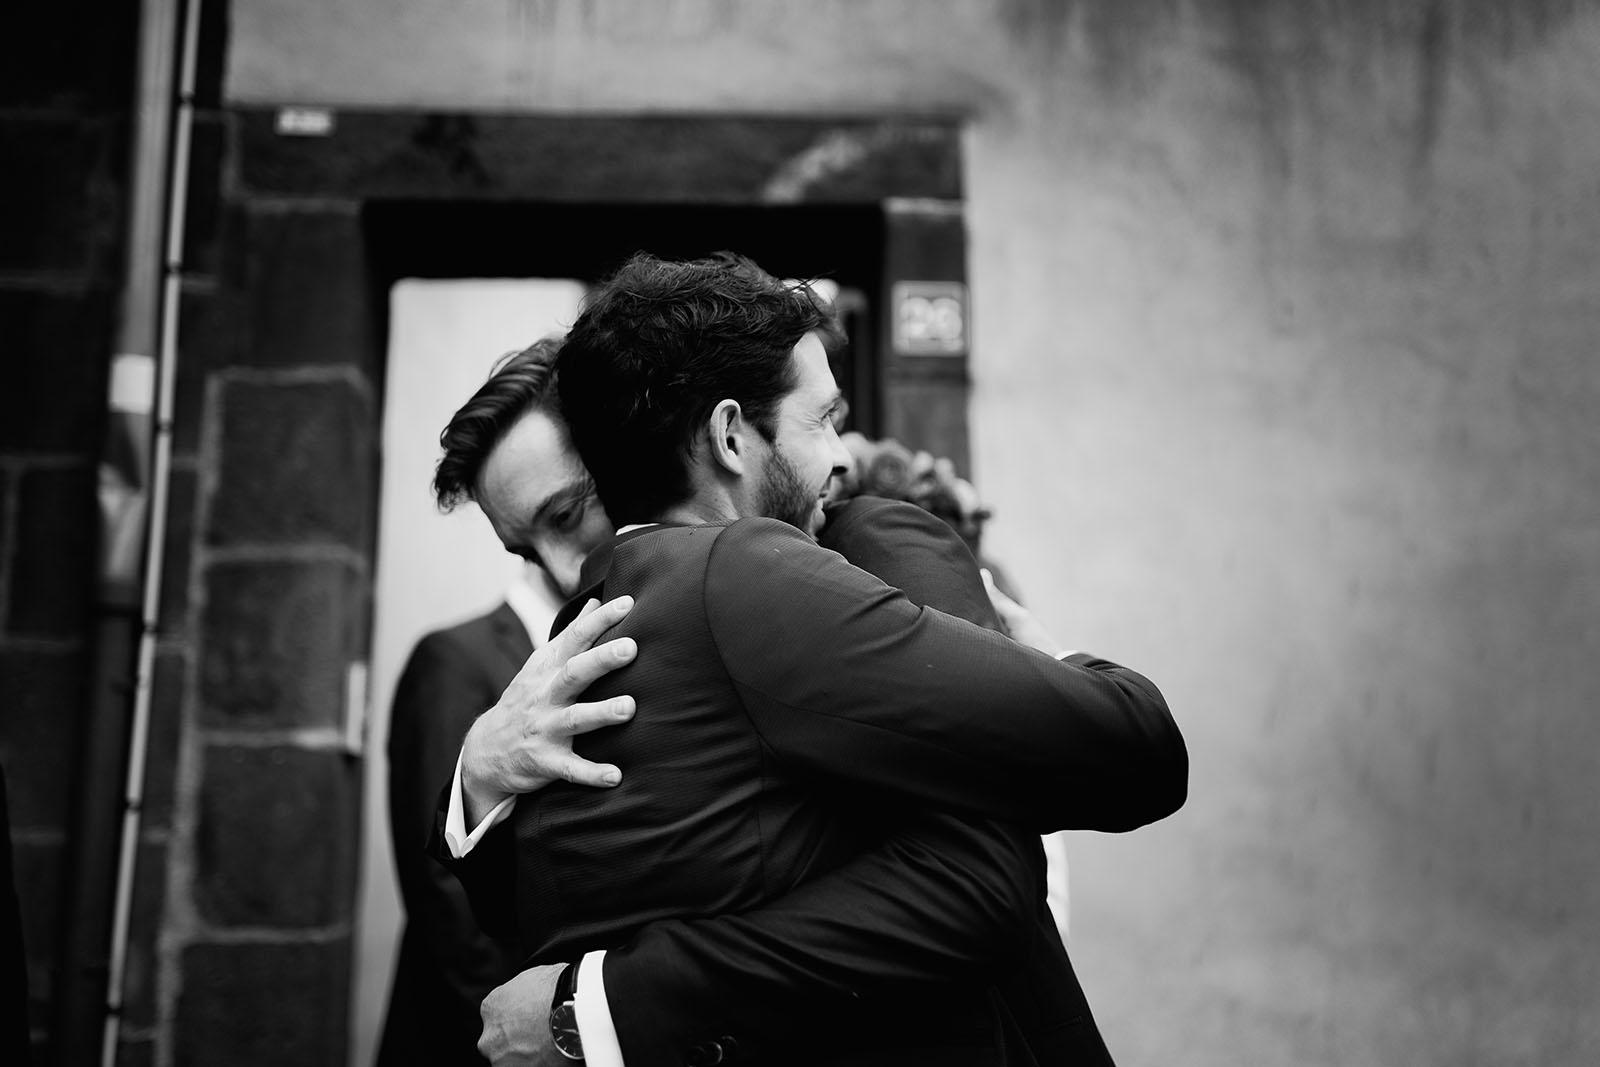 Photographe de mariage à Clermont Ferrand Le marié prend dans ses bras un témoin